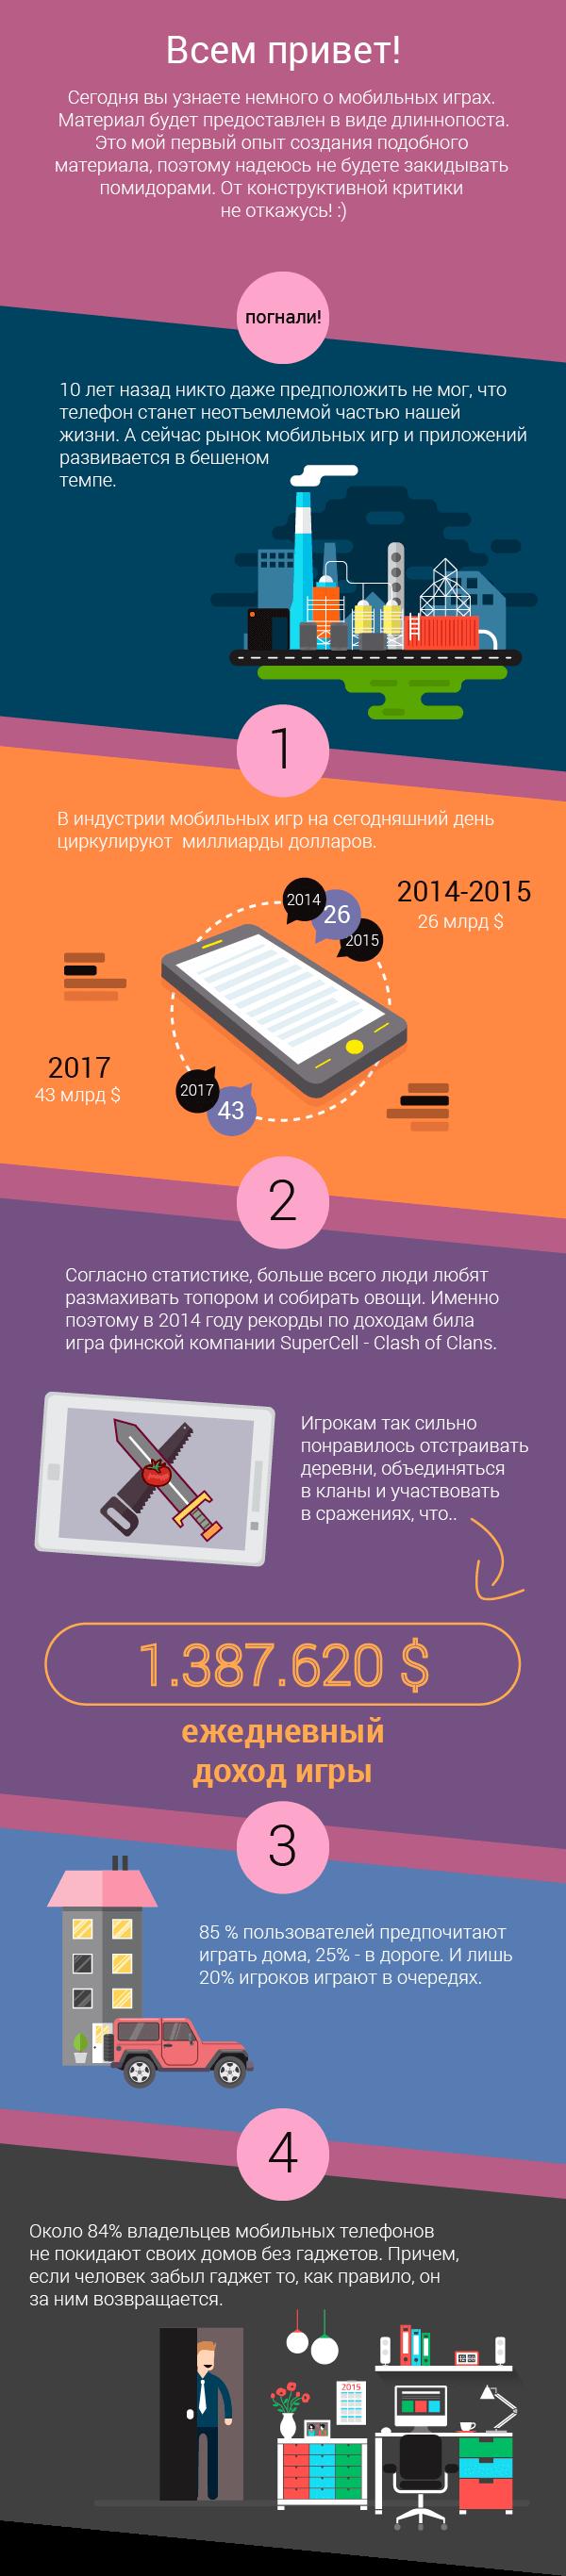 Мобильные игры в цифрах